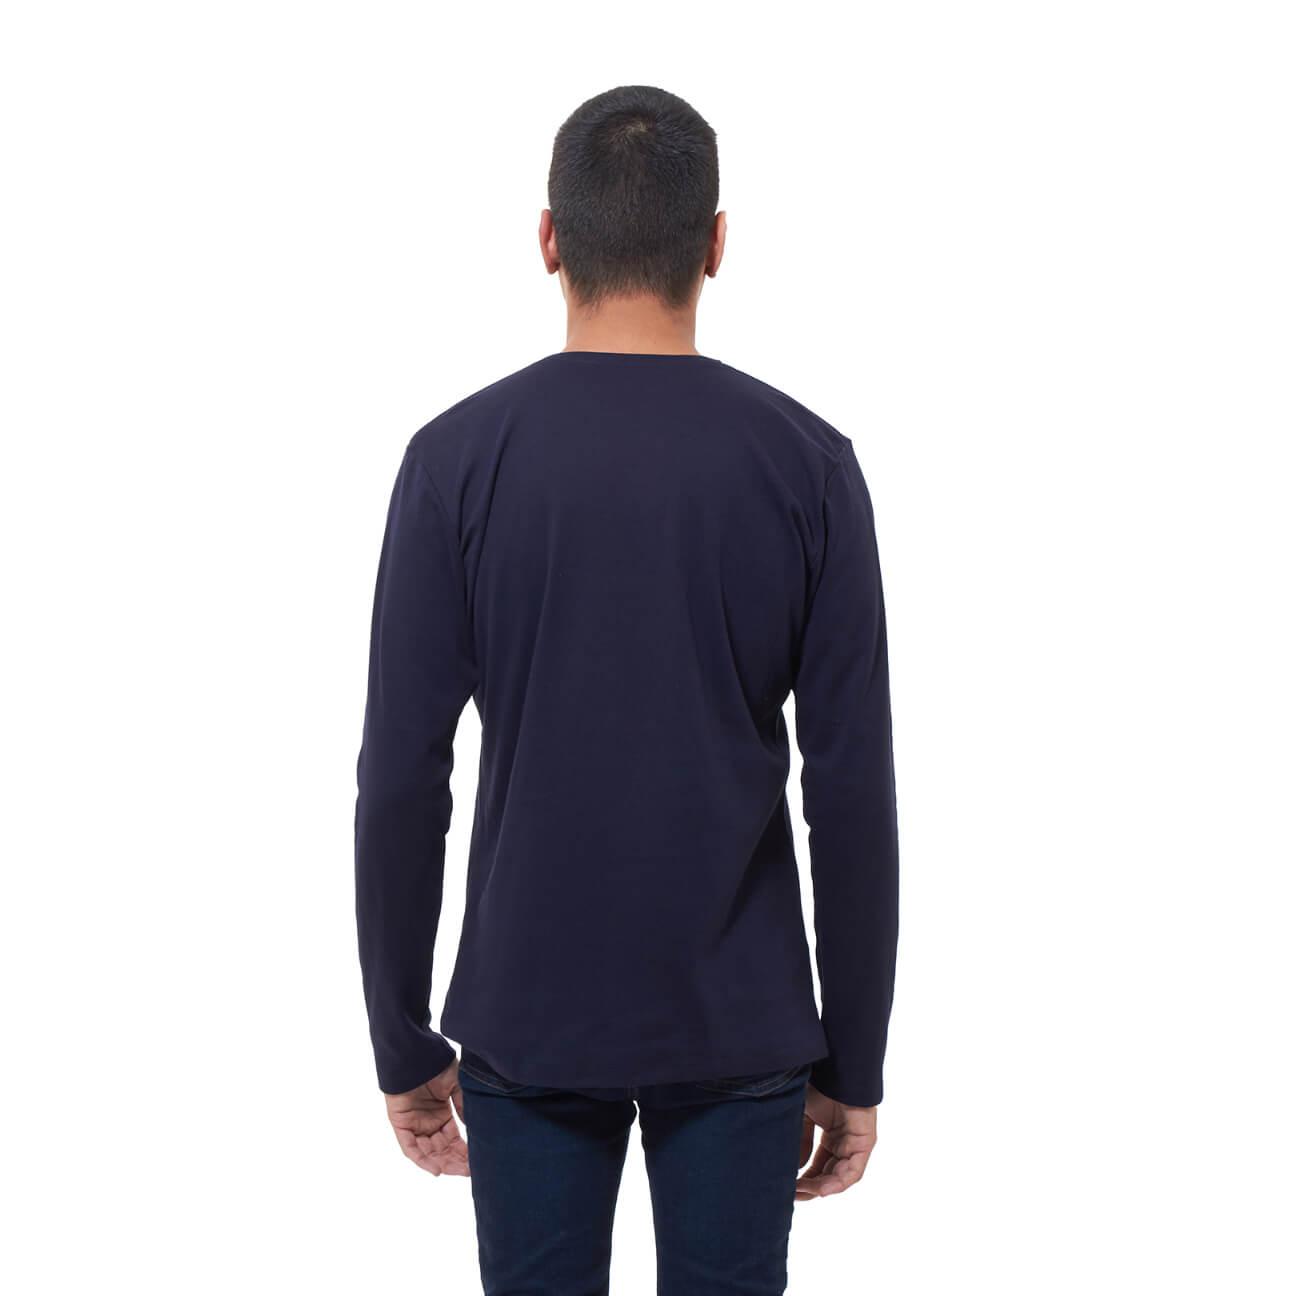 Franela basica caballero manga larga azul ozcuro espalda